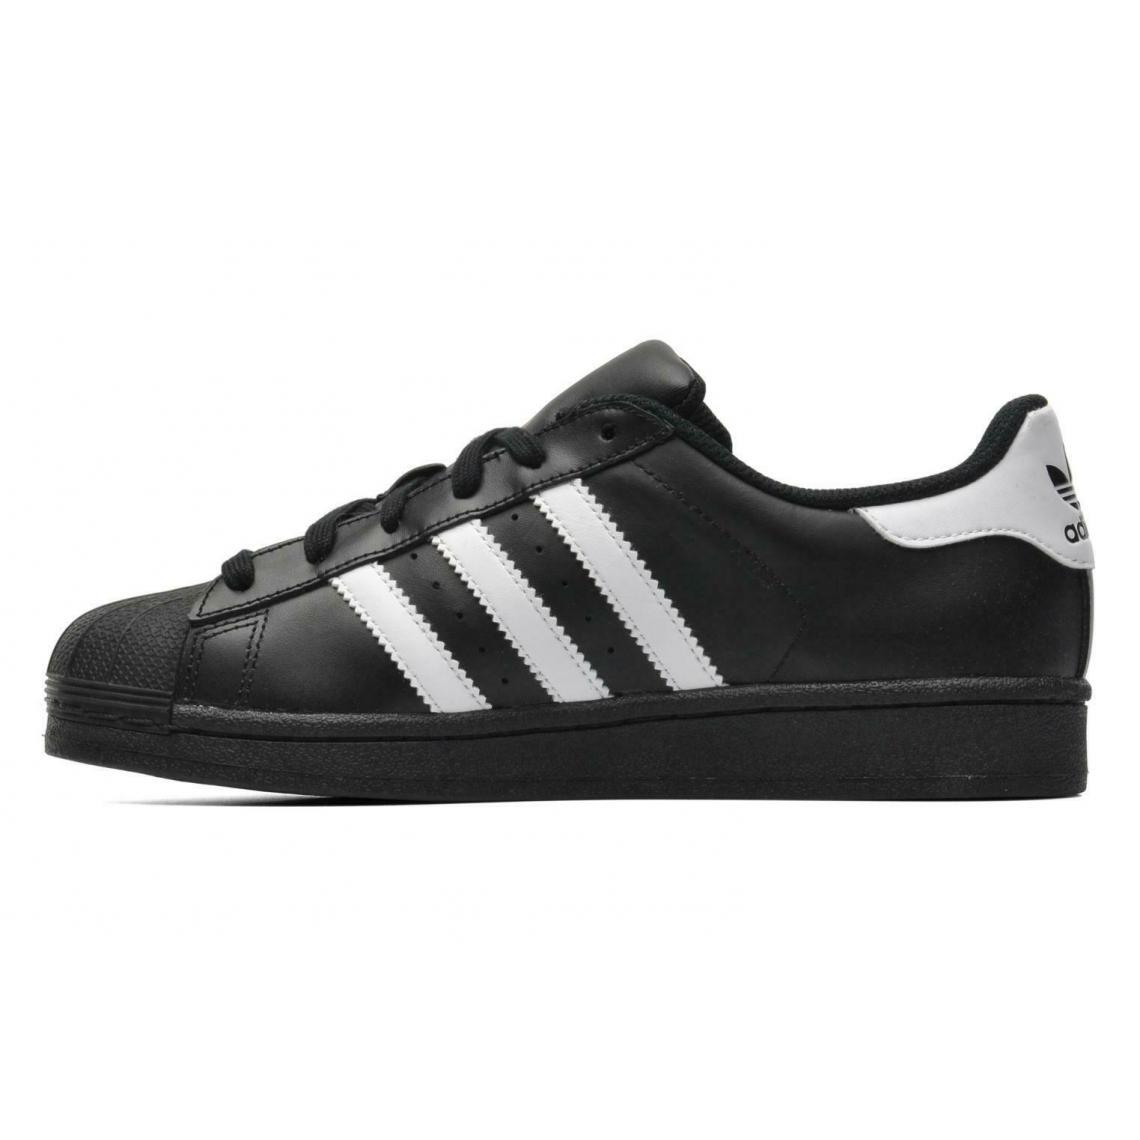 nouveaux styles 1532c bb52e Baskets Superstar Adidas Originals garçon - Noir et Blanc ...